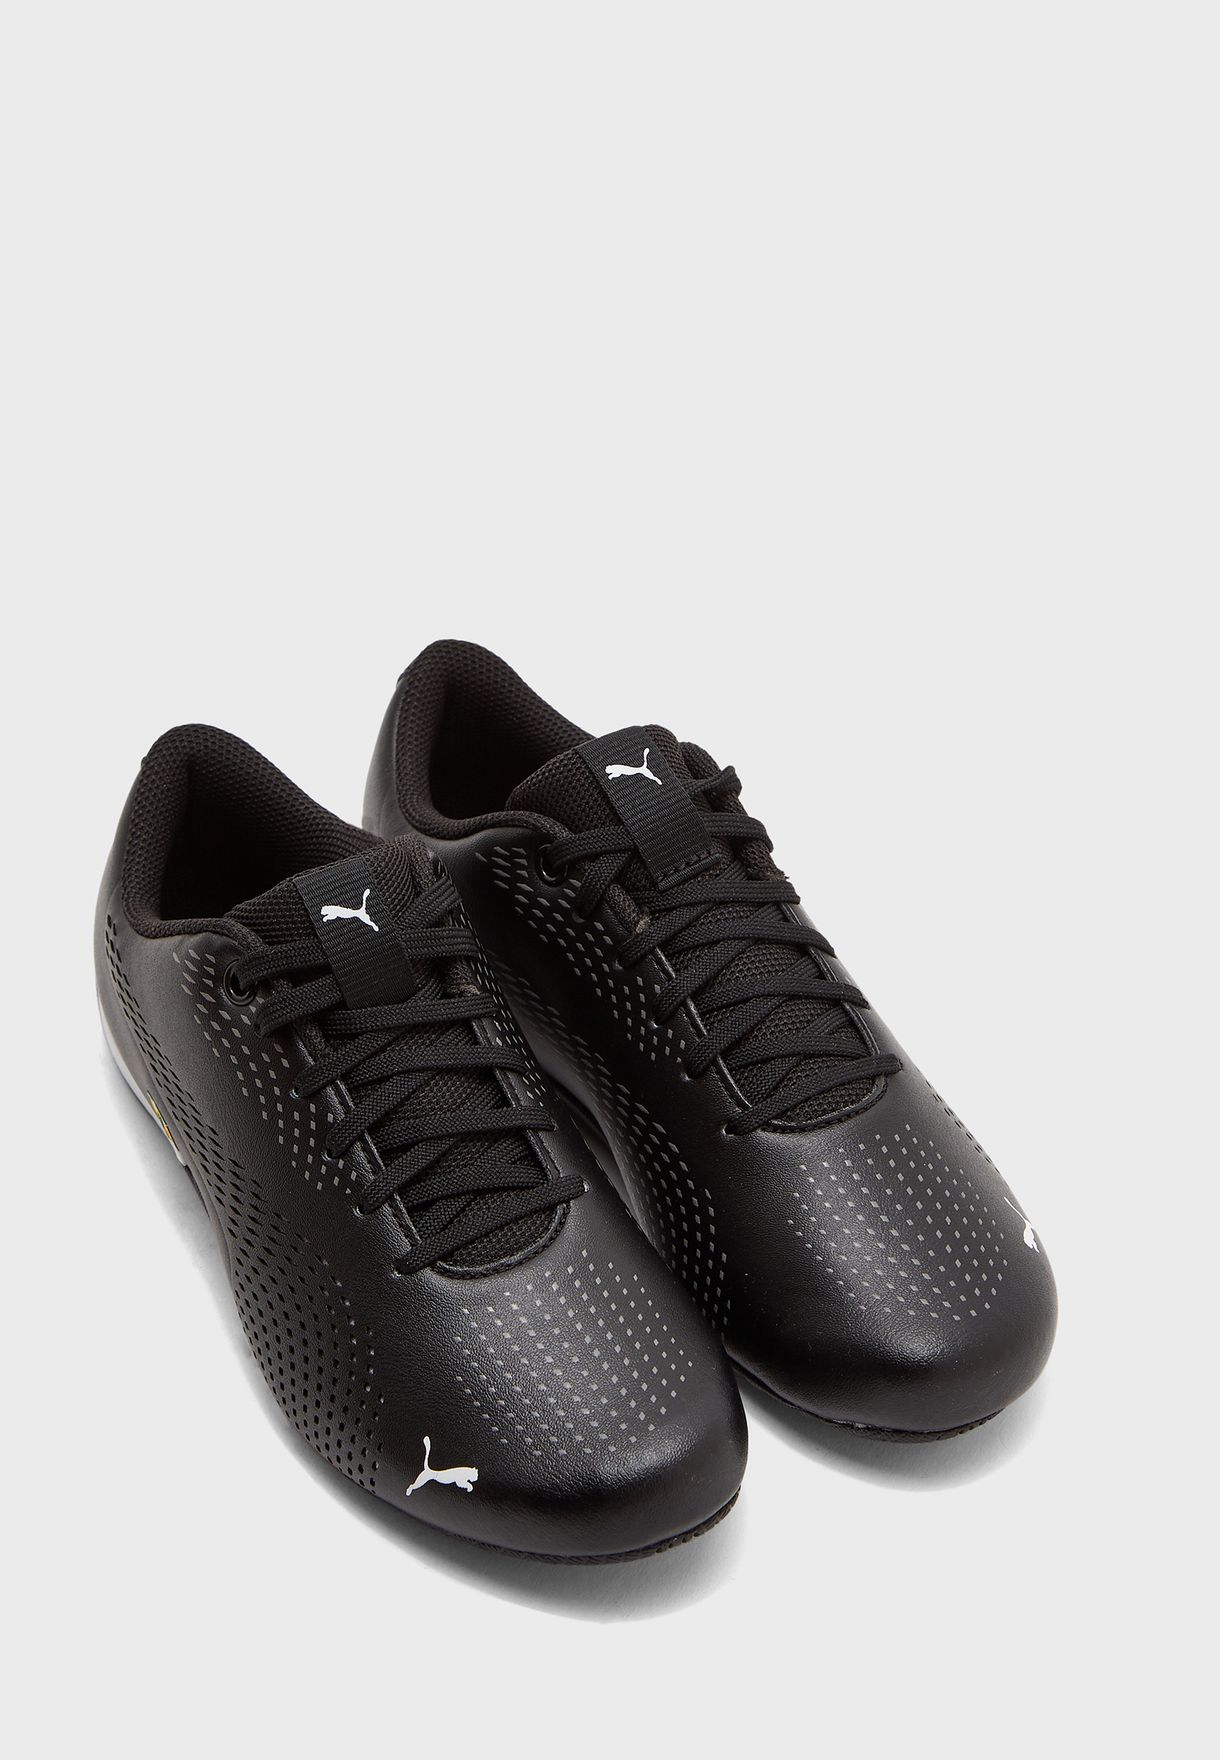 حذاء دريفت كات 5 الترا 2 للاطفال